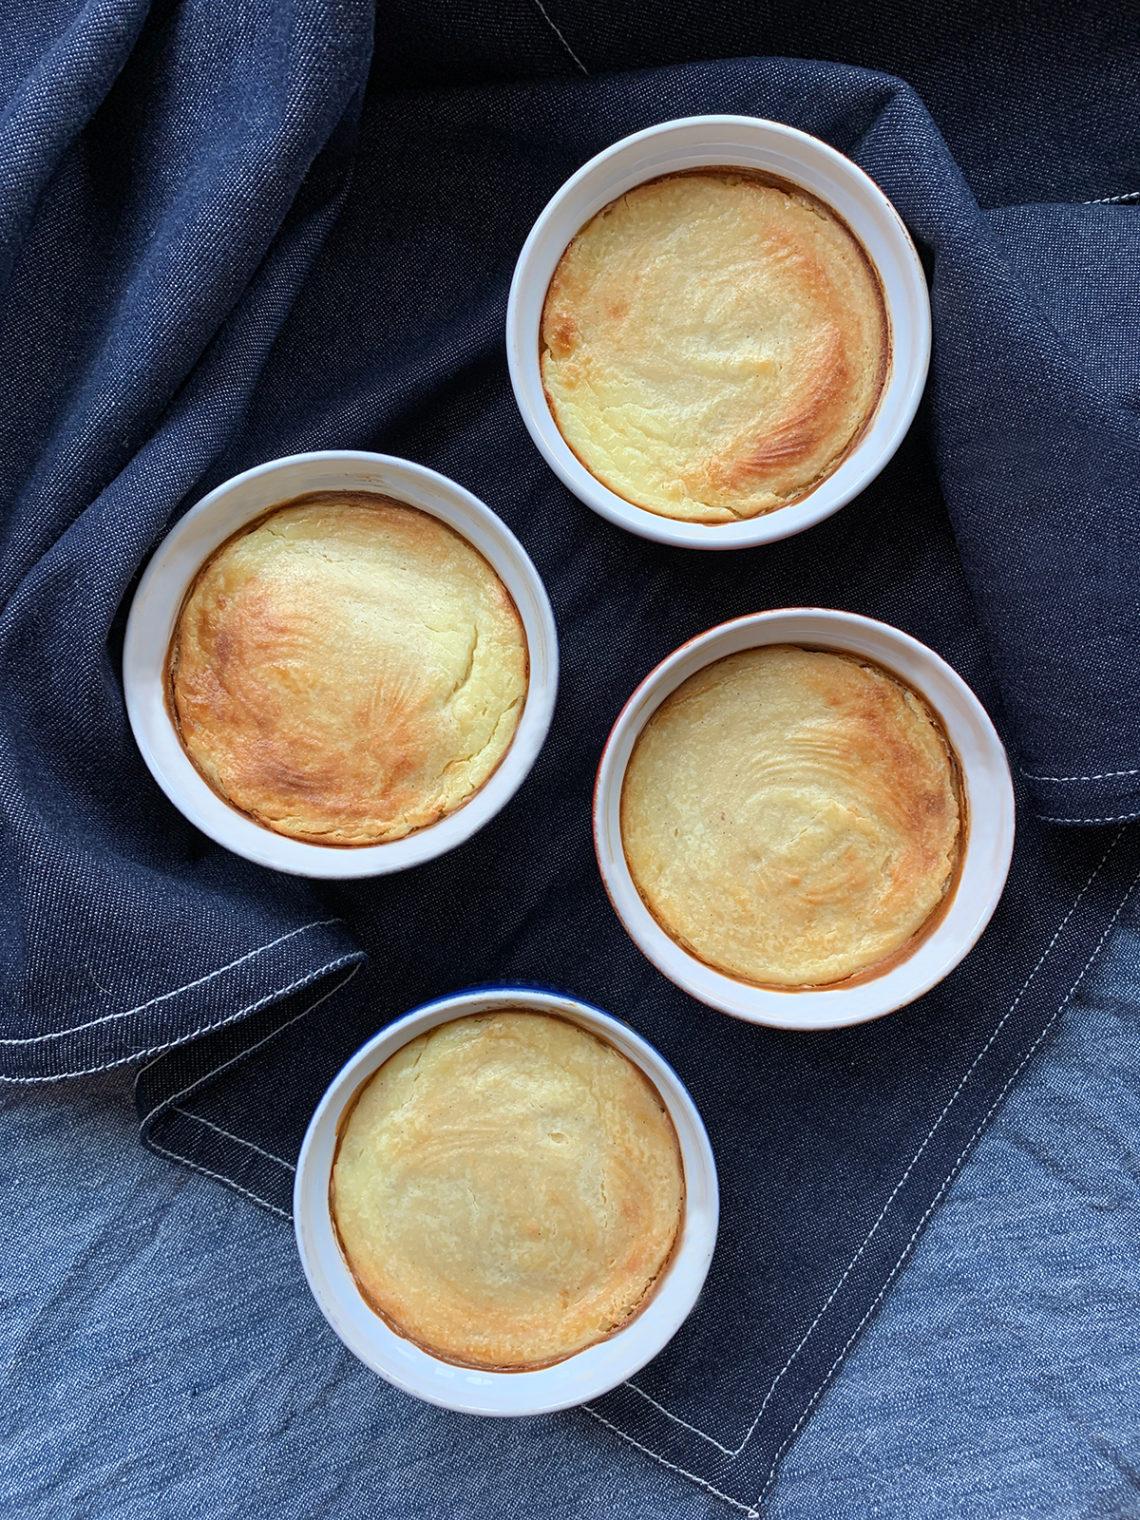 Творожная запеканка. Сайт кулинарных рецептов Марии Каленской.